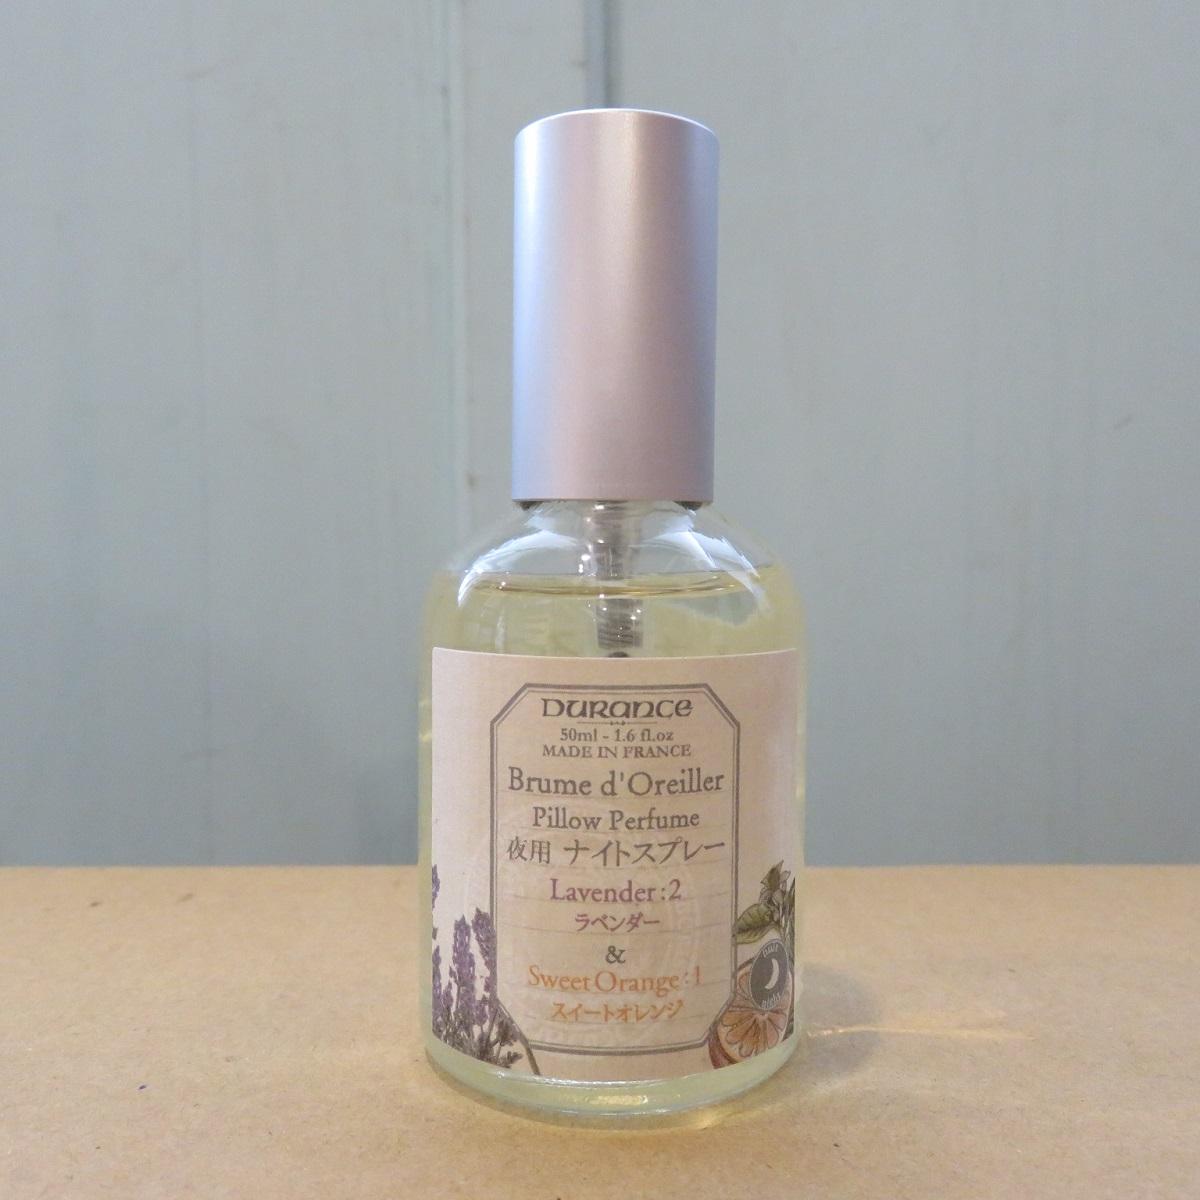 精油の香りを理想の割合でブレンド!真正ラベンダーとスィートオレンジを2:1の割合でブレンドした精油を配合したアロマスプレー。気持ちをやわらげ、安眠へと導いてくれる香りです。 デュランス (DURANCE) Aromathologie DayNightデイ&ナイト Nightナイトスプレー50ml(香水)